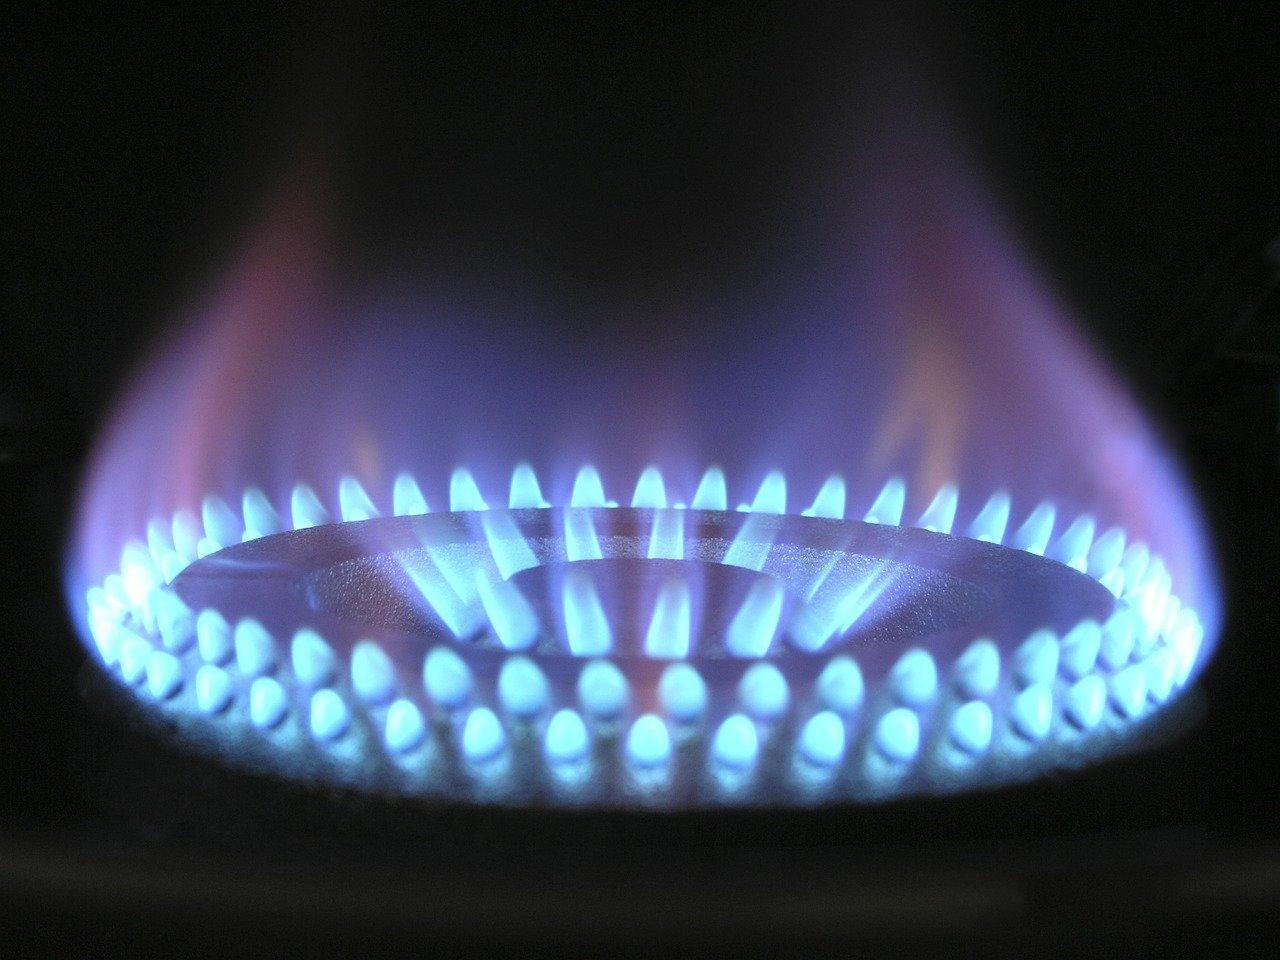 Nouvelle augmentation importante pour le tarif réglementé du gaz en août